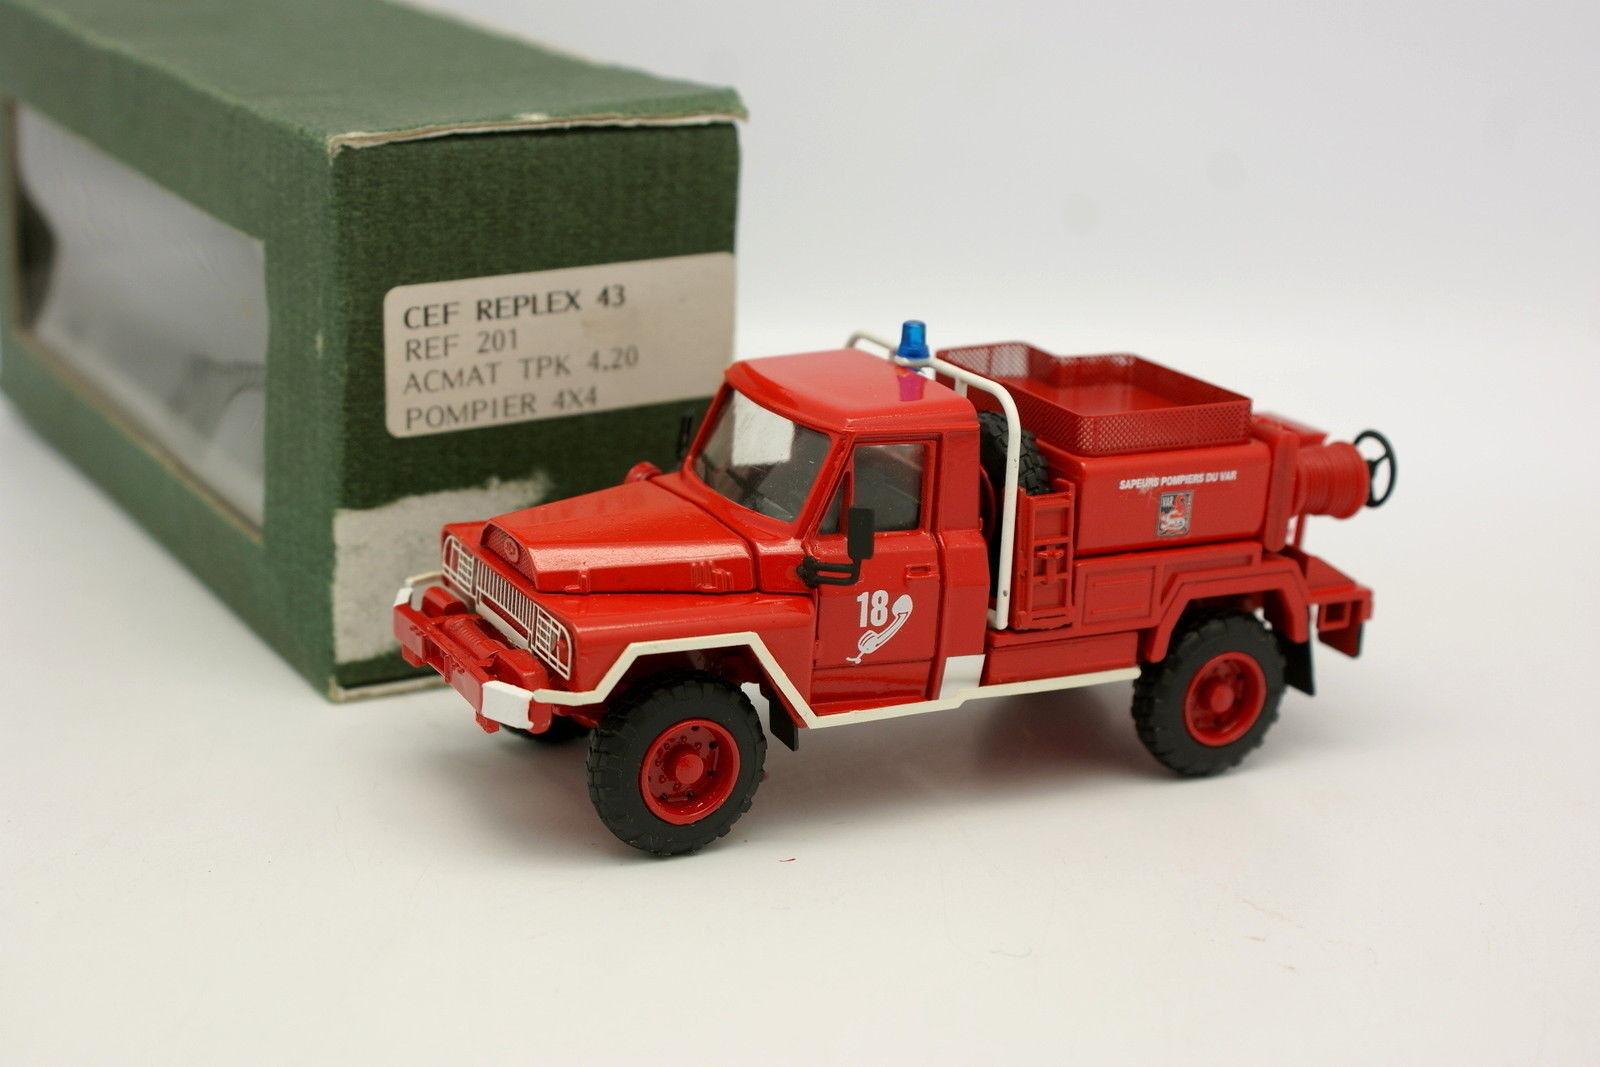 CEF Replex 1/43 - Acmat 4X4 TPK 4 20 Pompiers Du Var